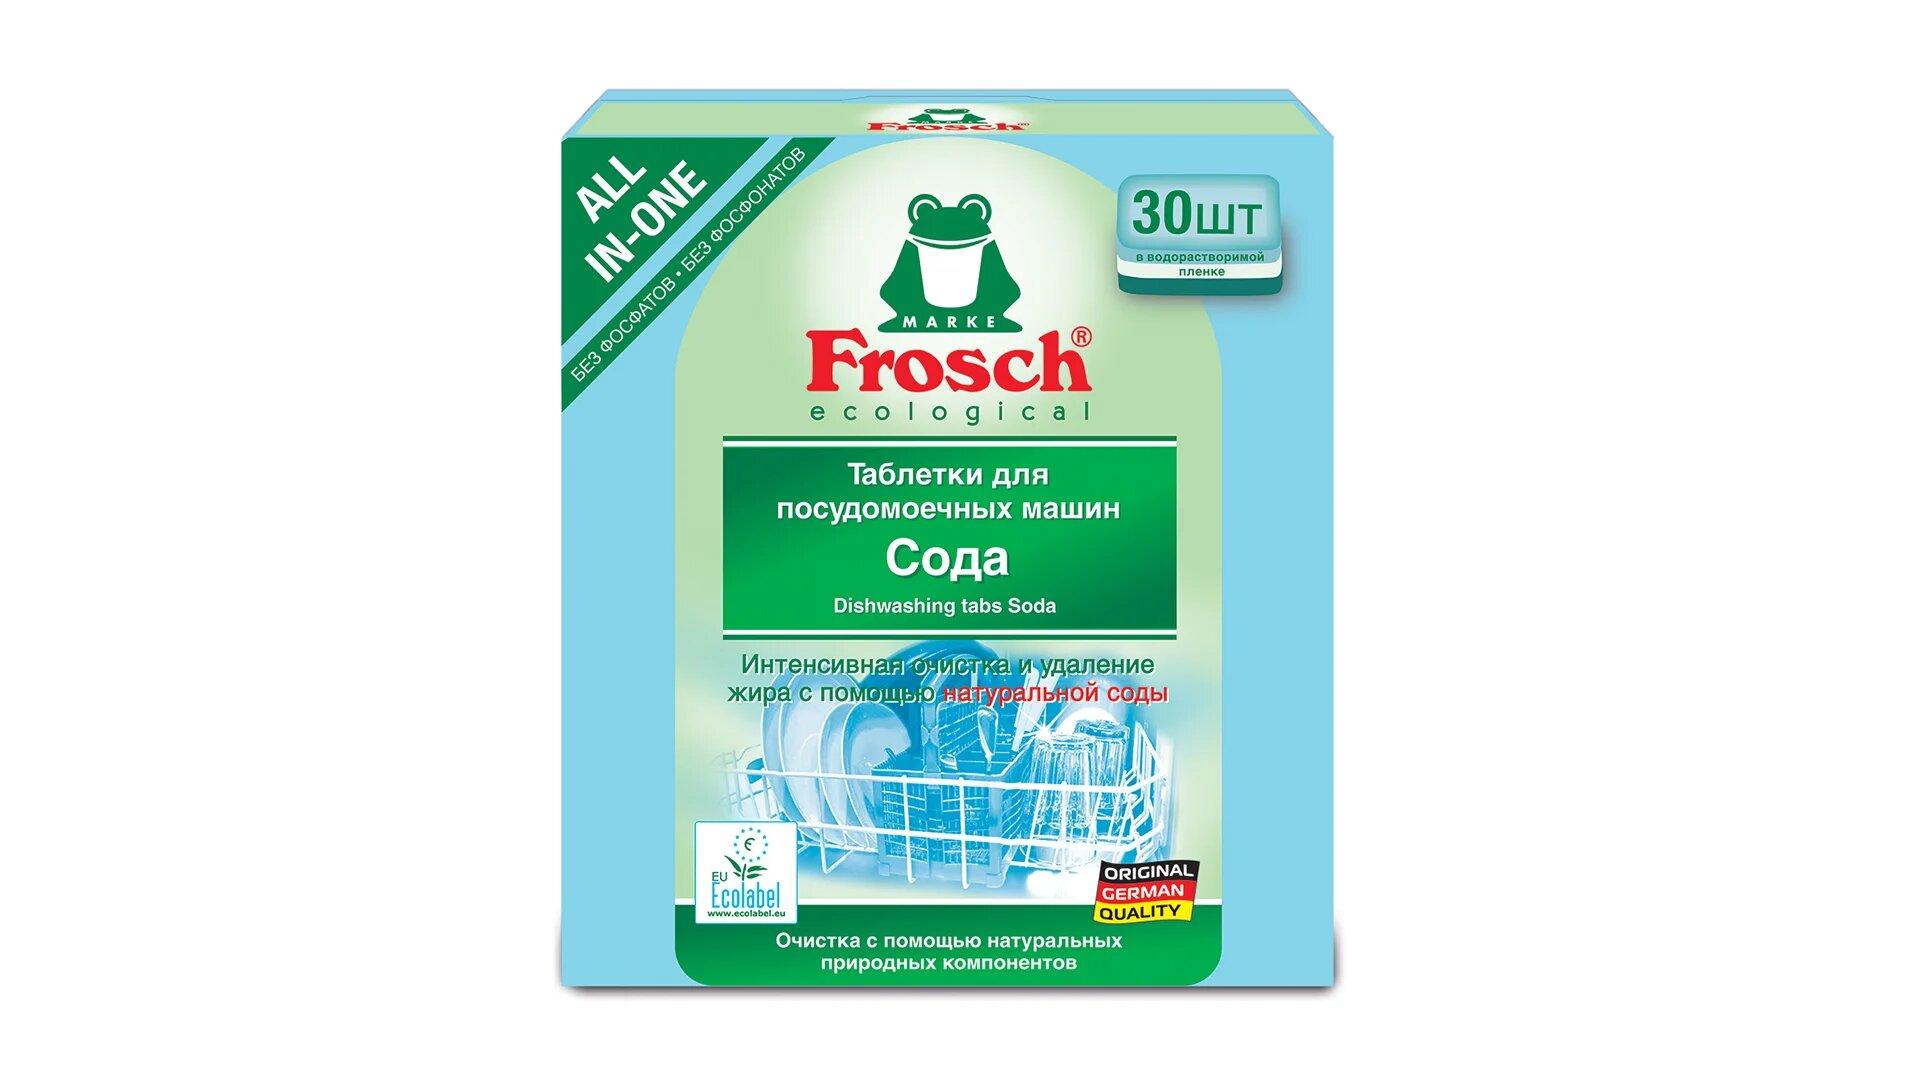 Фото моющего средства Frosch Soda